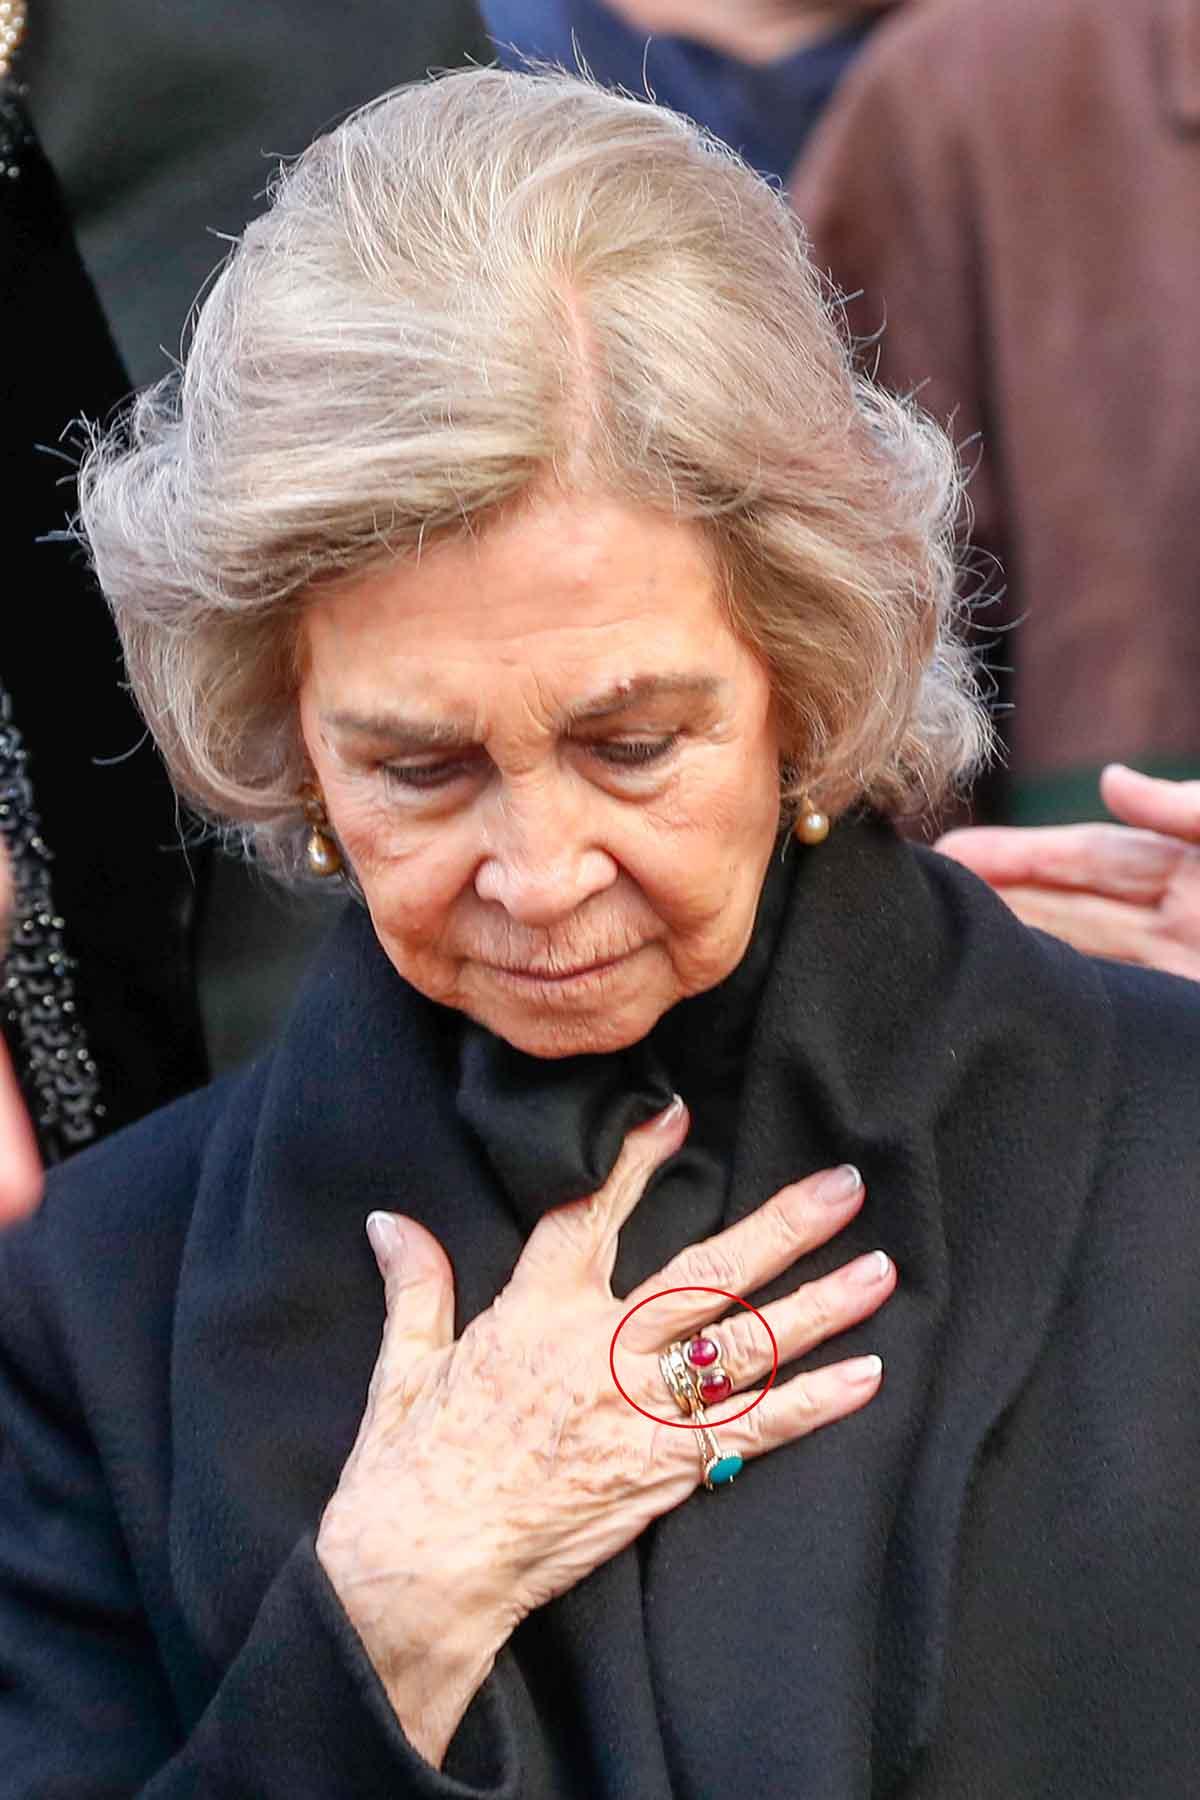 Casa Real de España - Página 16 Reina-sofia-anillo-compromiso-juan-carlos